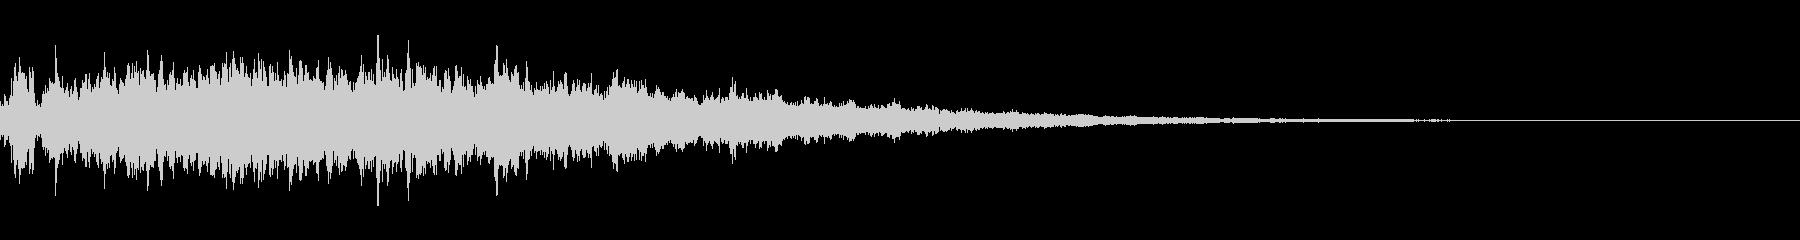 ピューン(流れ星をイメージした音)の未再生の波形